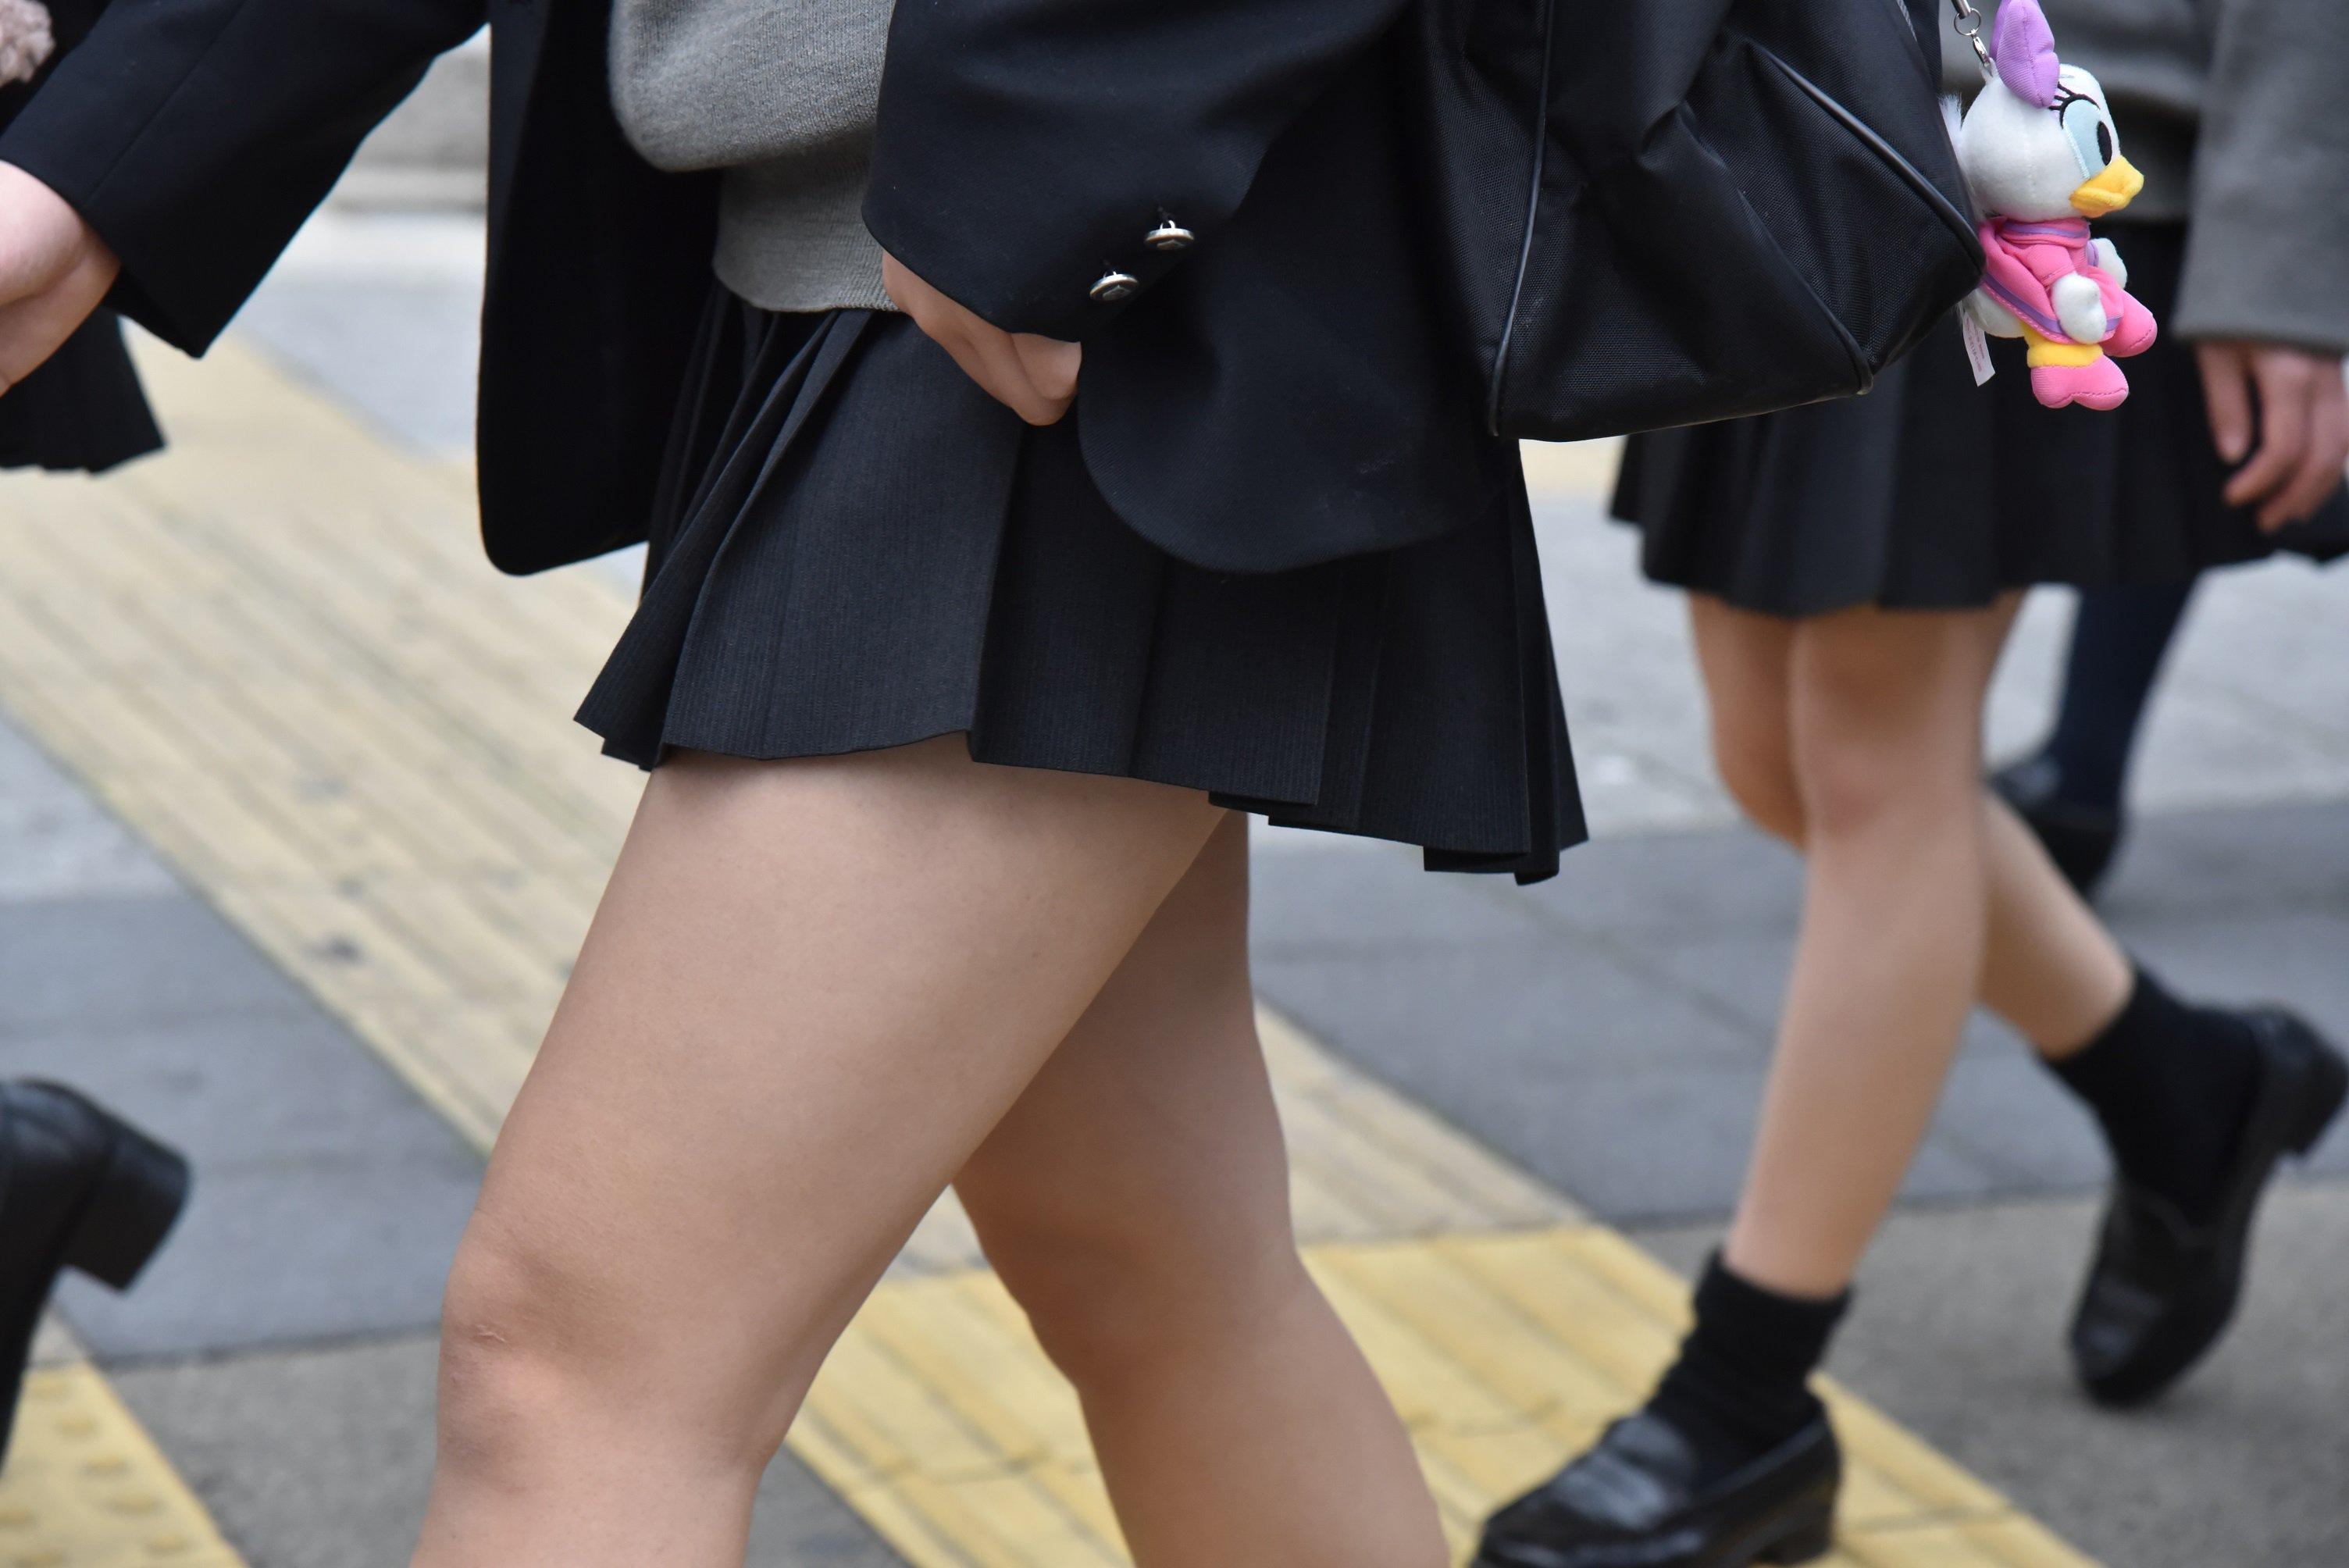 【画像あり】女子高生とかいう露出狂の無邪気な小悪魔www